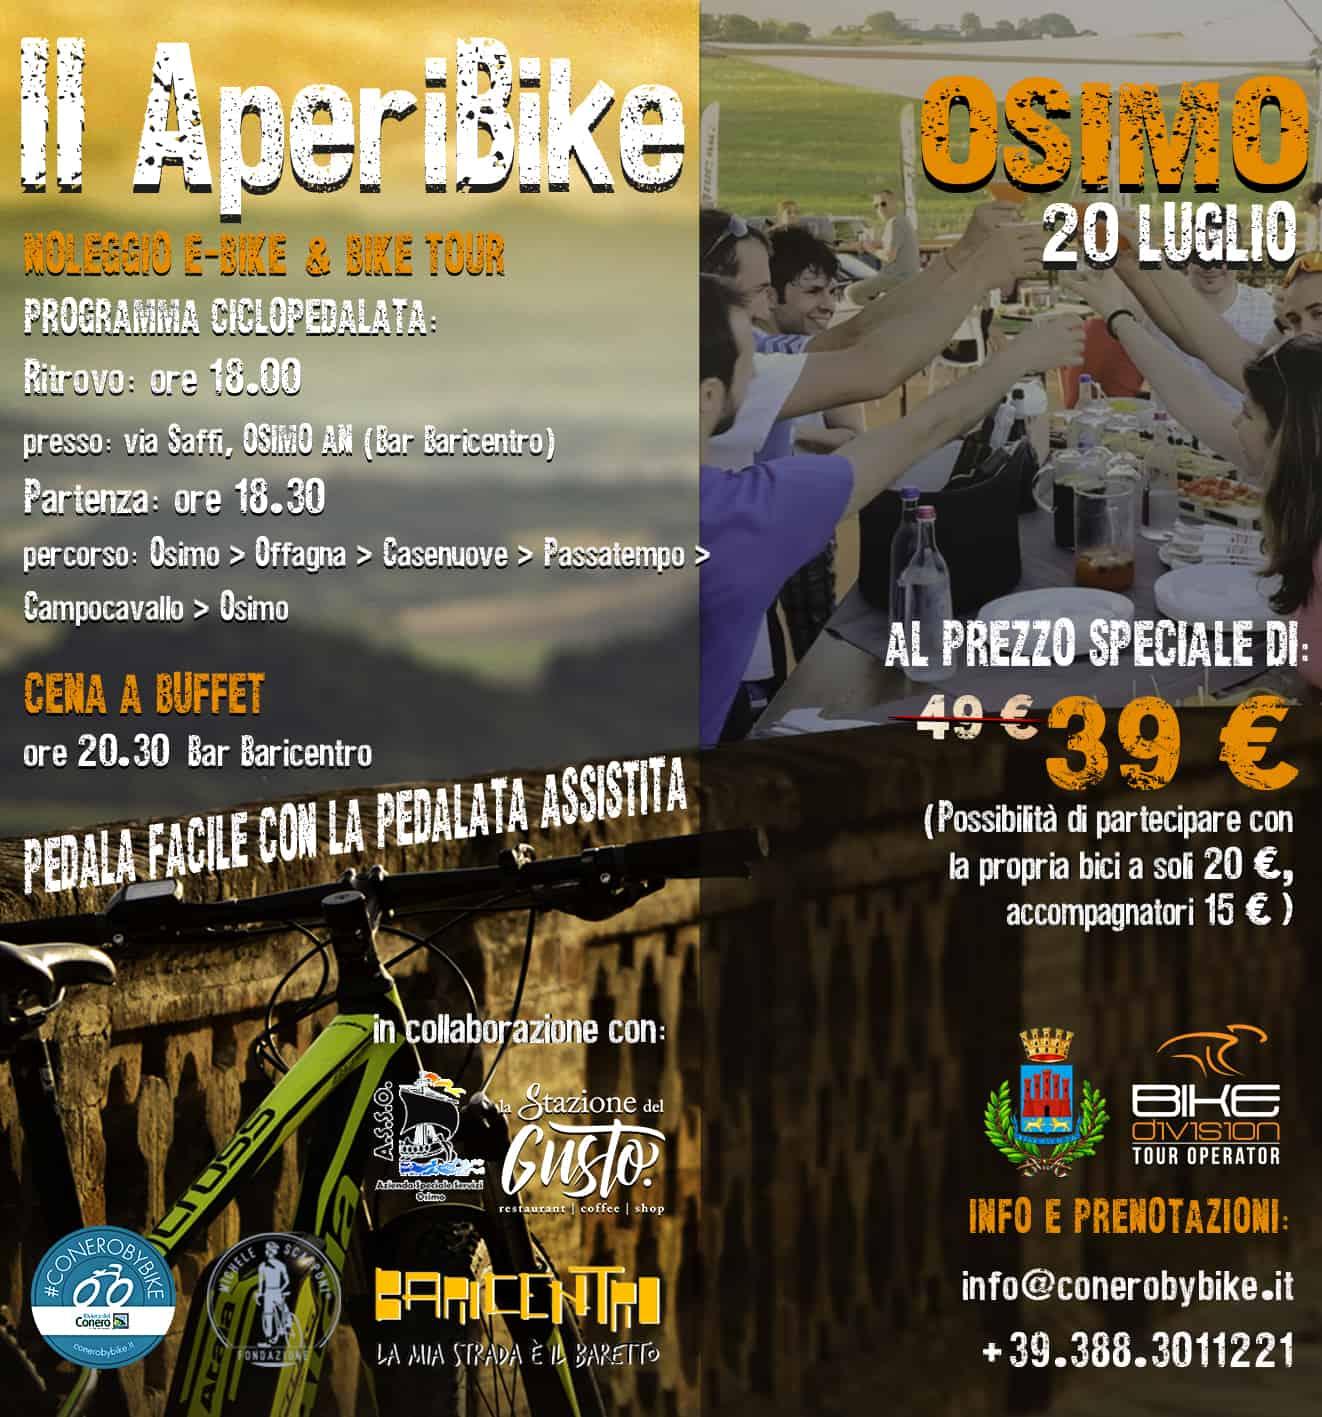 APERIBIKE-OSIMO-20-LUGLIO-WEB